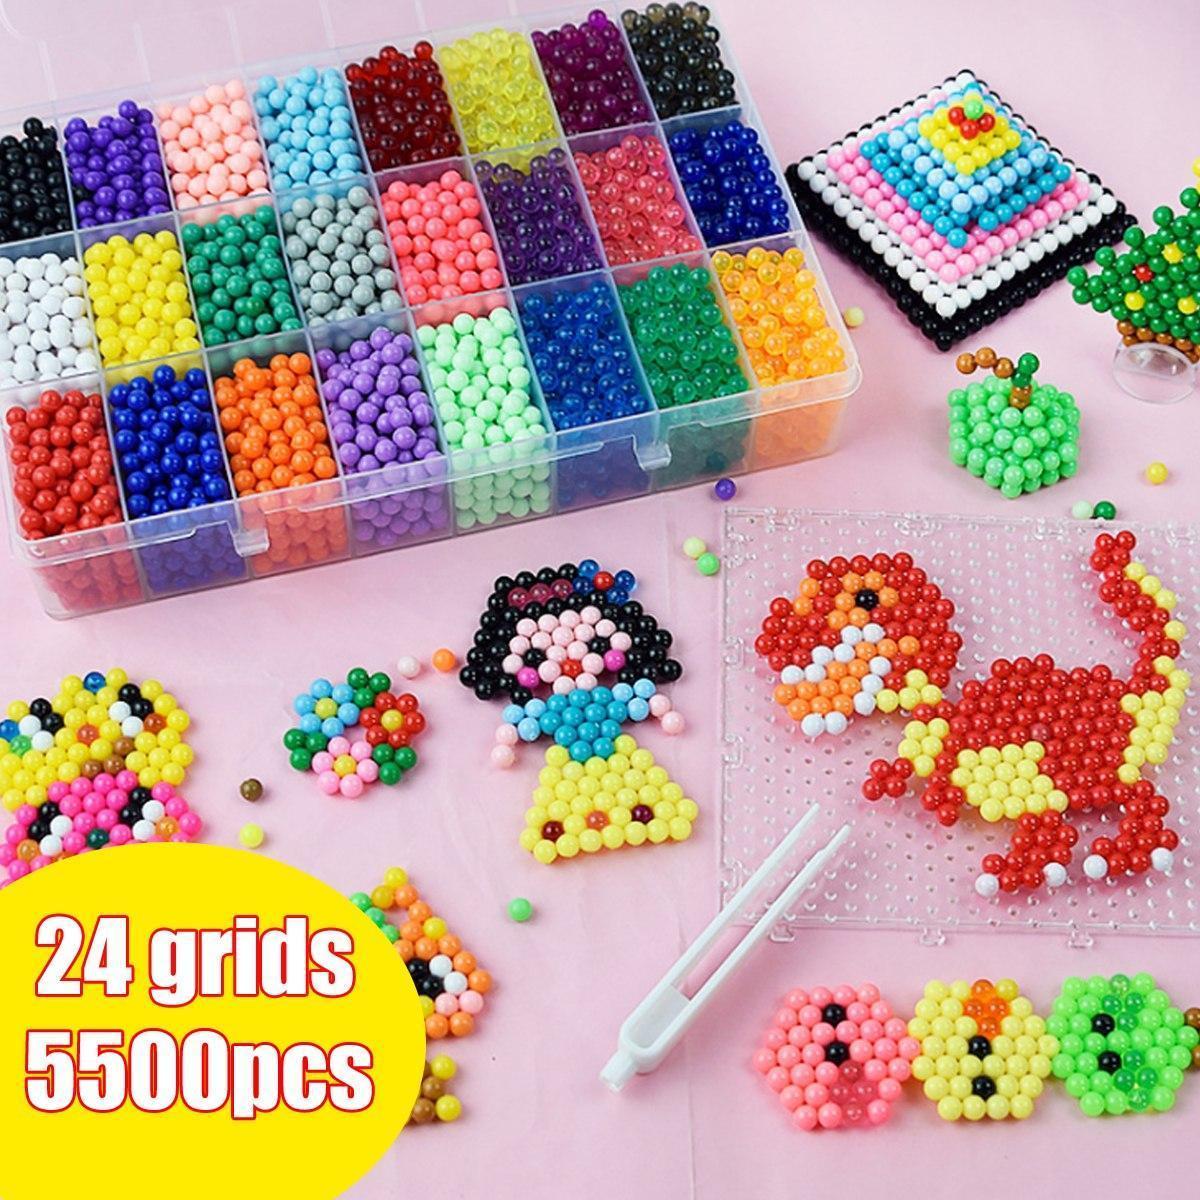 aqua-beads-5500pcs-diy-fusible-perlas-de-agua-pegajosa-3-pe-D_NQ_NP_767416-MLA32640181870_102019-F